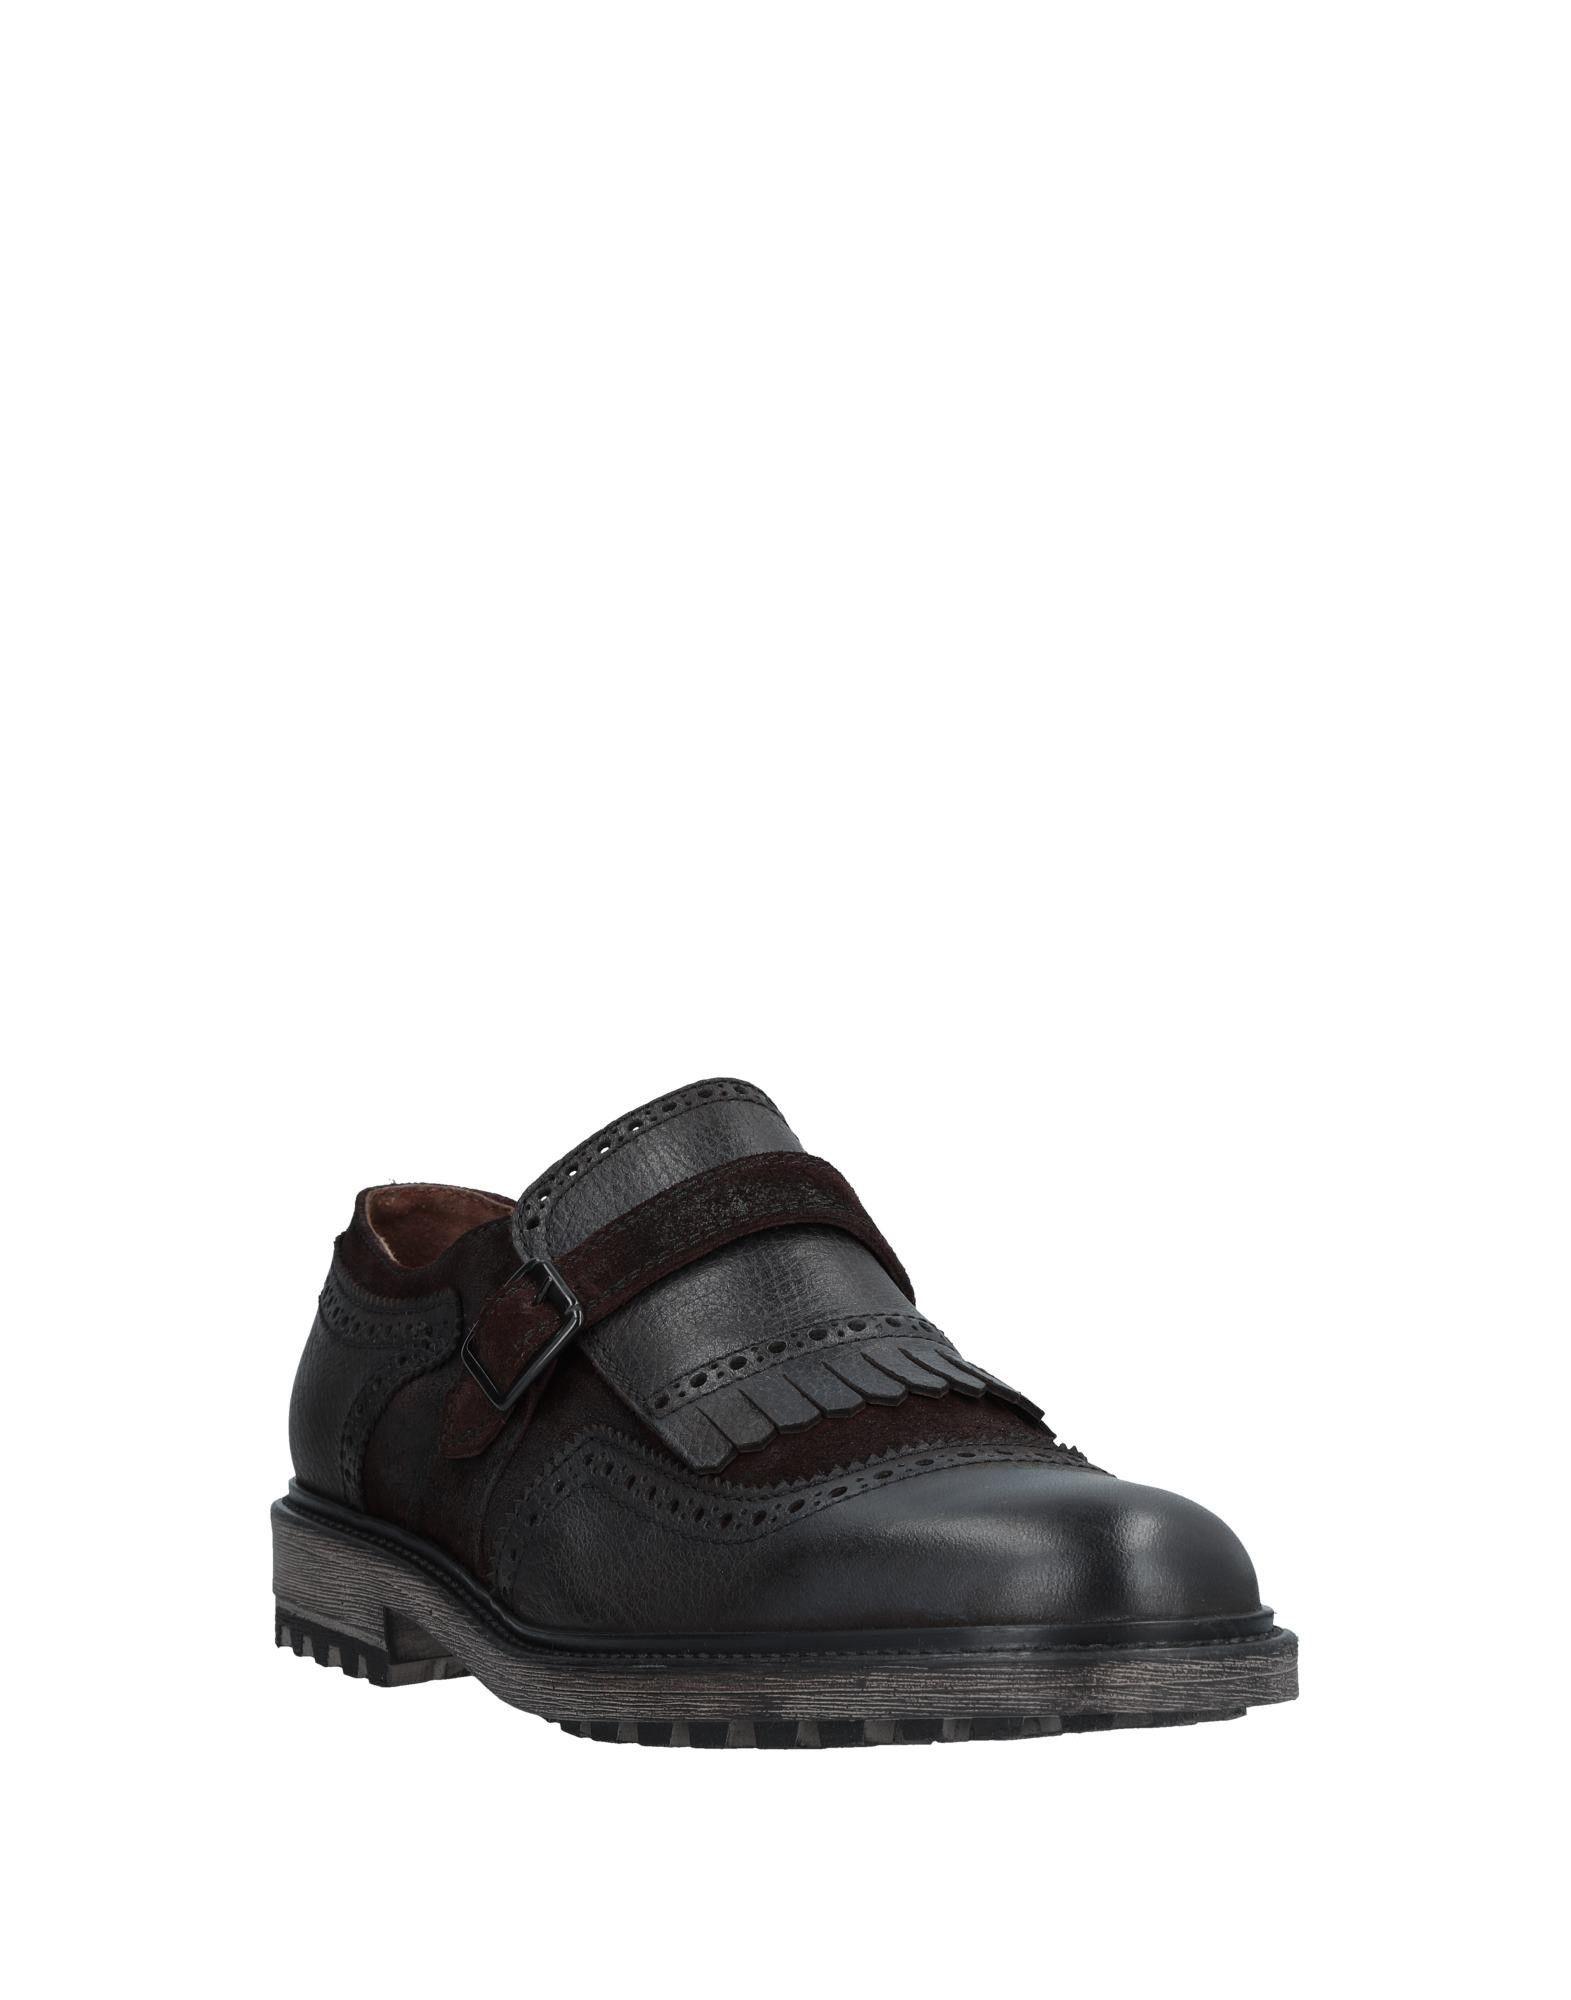 Rabatt echte Schuhe Herren Please Walk Mokassins Herren Schuhe  11320740MC abf2aa